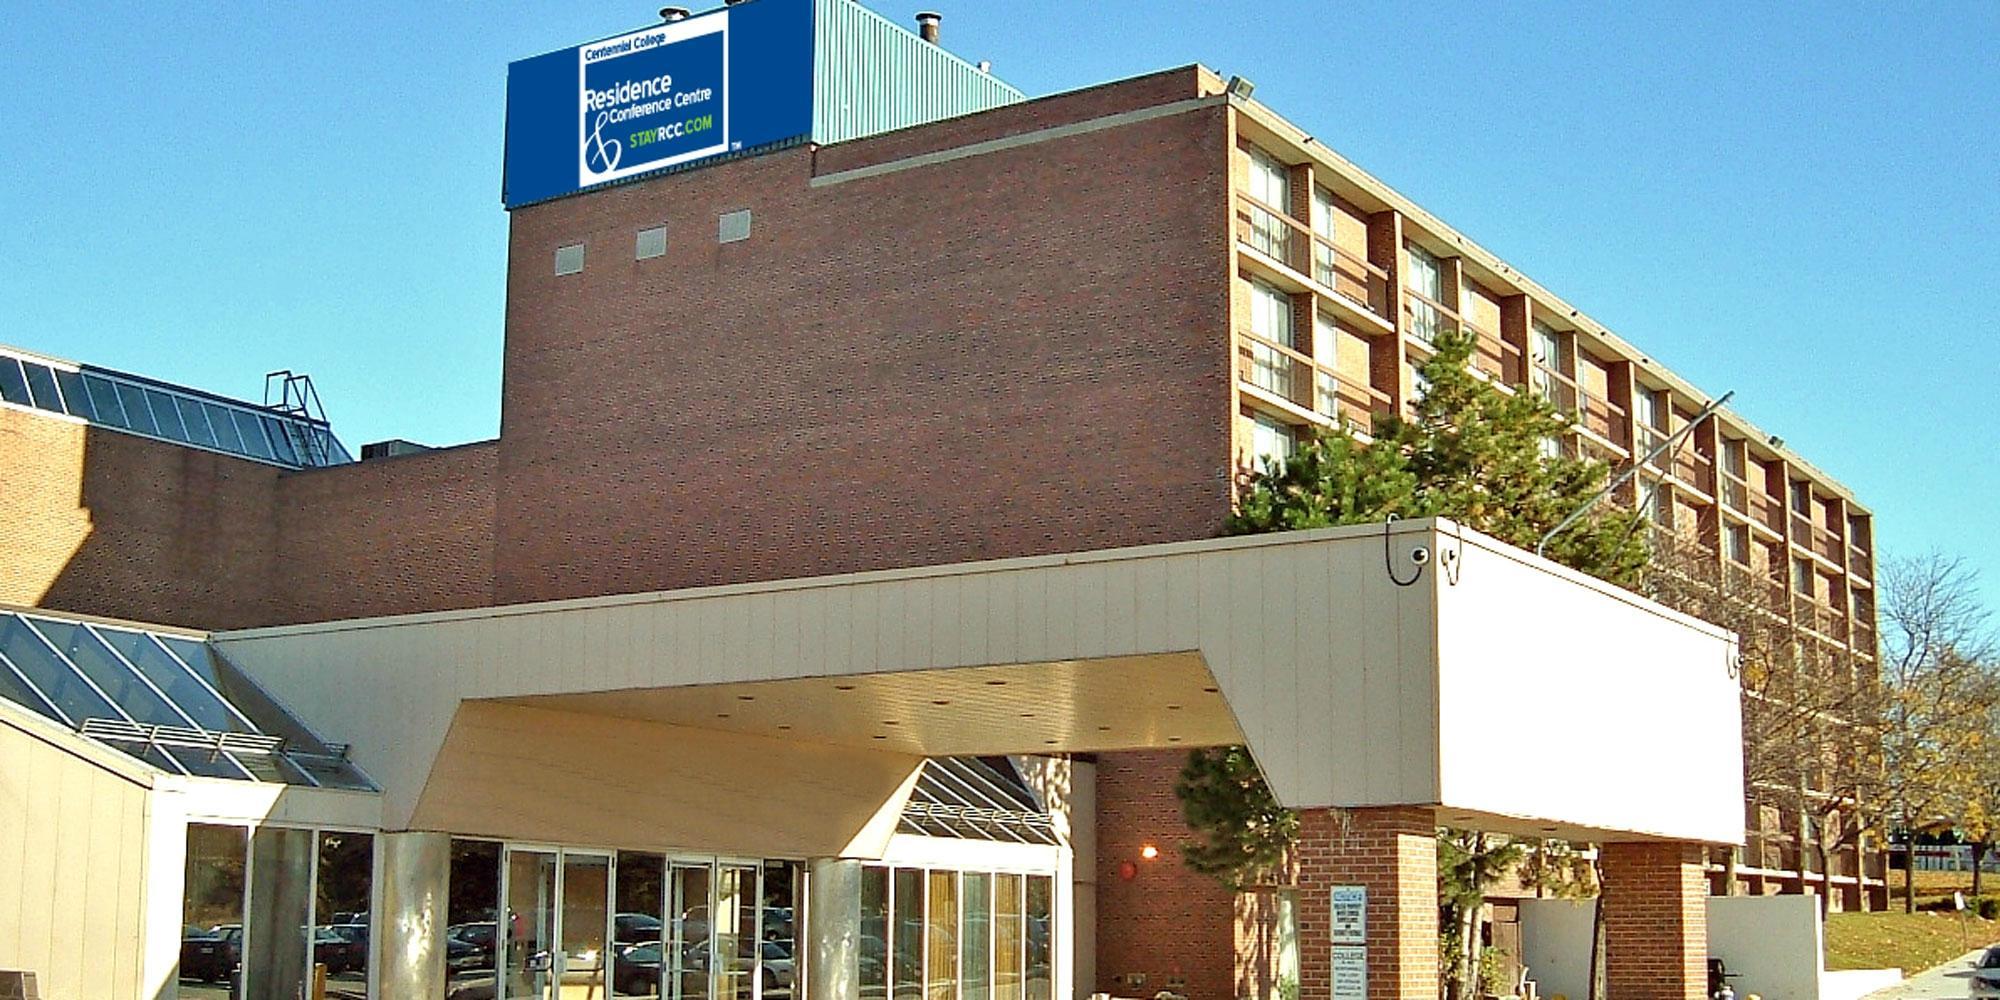 センテニアル カレッジ レジデンス & コンファレンス センター